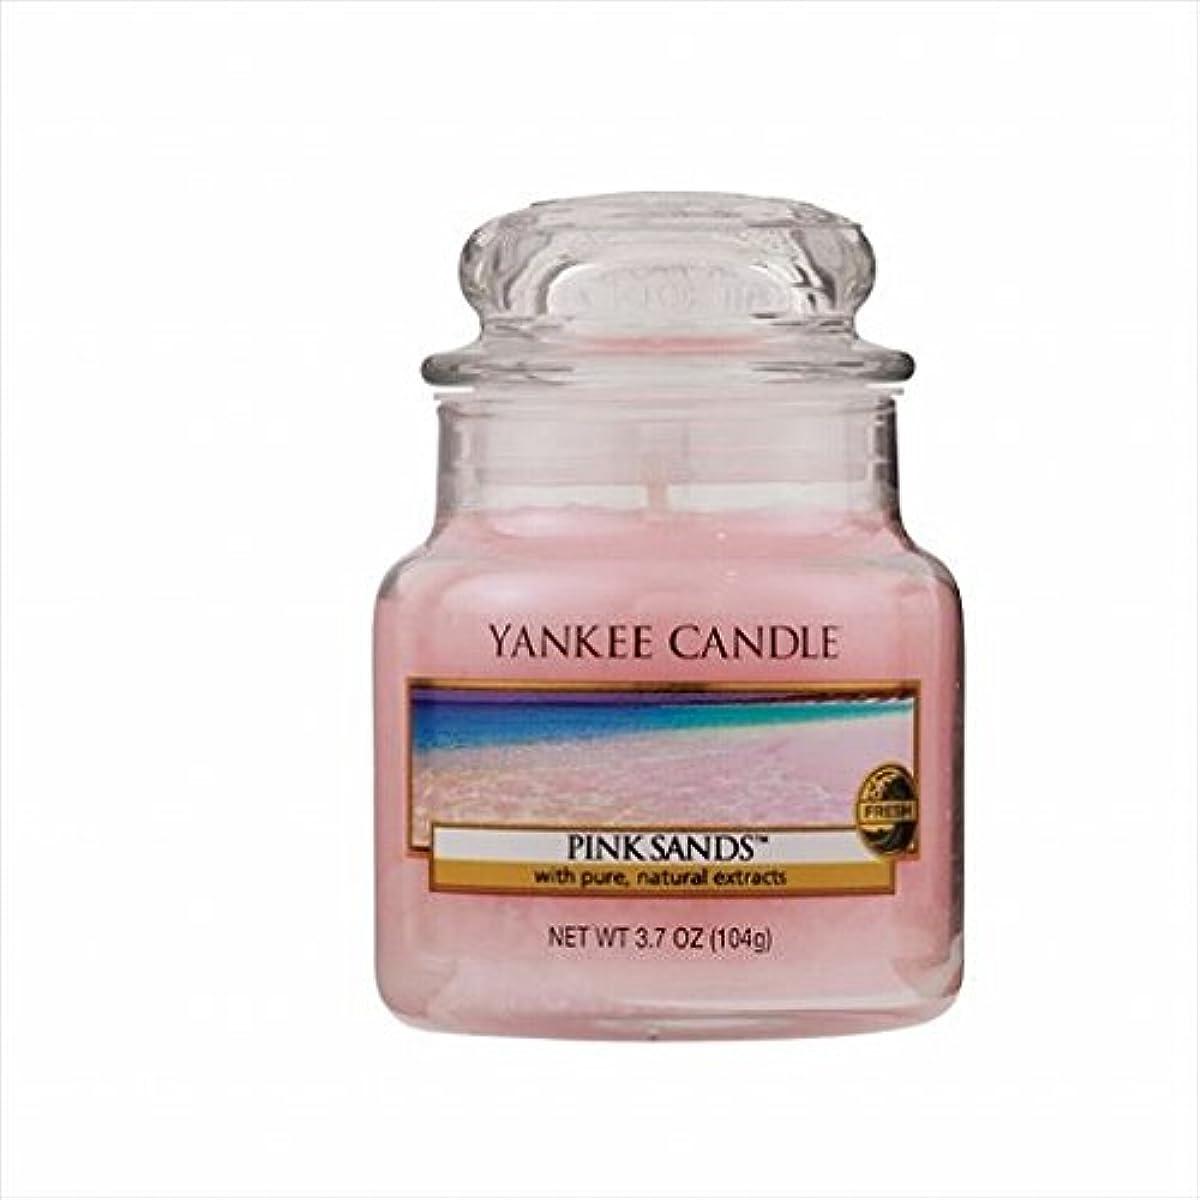 増強するフルーツトピックカメヤマキャンドル(kameyama candle) YANKEE CANDLE ジャーS 「 ピンクサンド 」3個セット